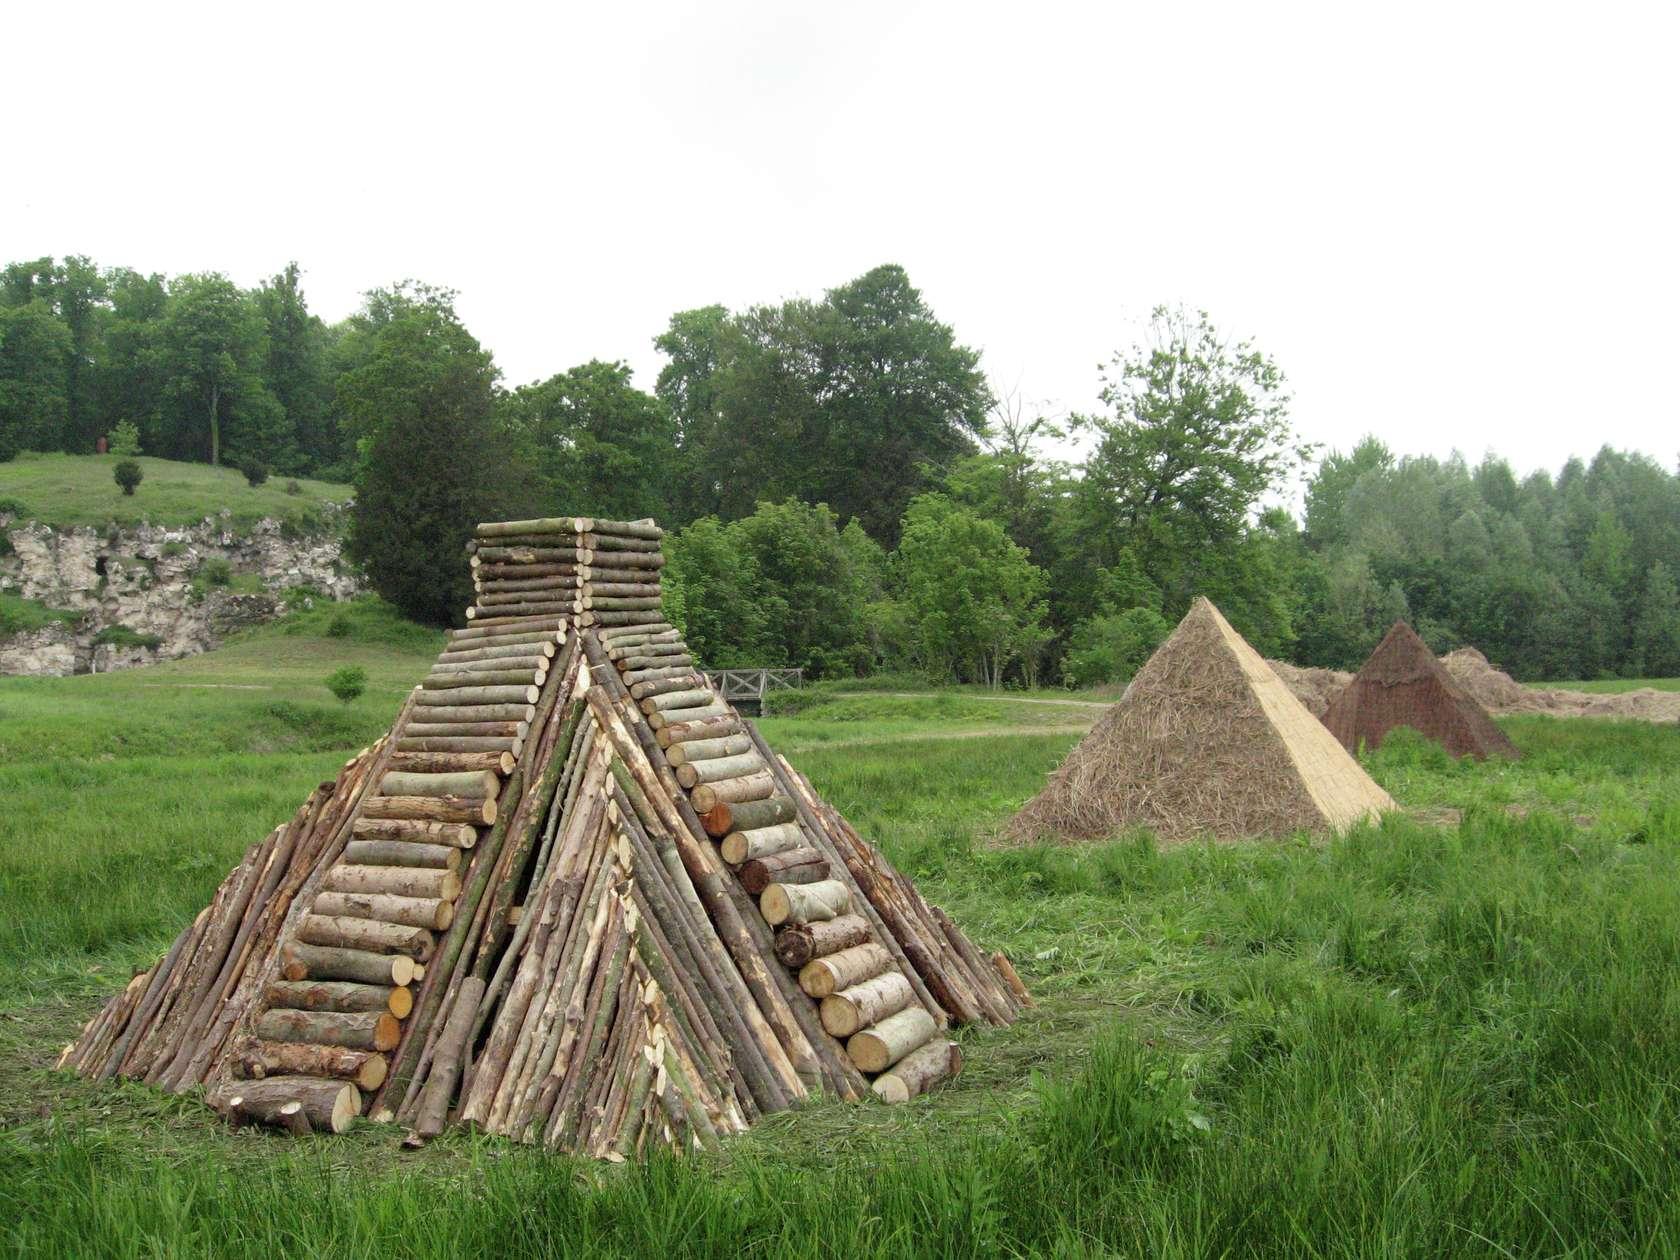 Laurent Le Deunff, Pyramides, 2011 Bois, bruyère, bambou, tôles, paille et bûches300 x 250 x 300 cm / 118 1/8 x 98 3/8 x 118 1/8 inches